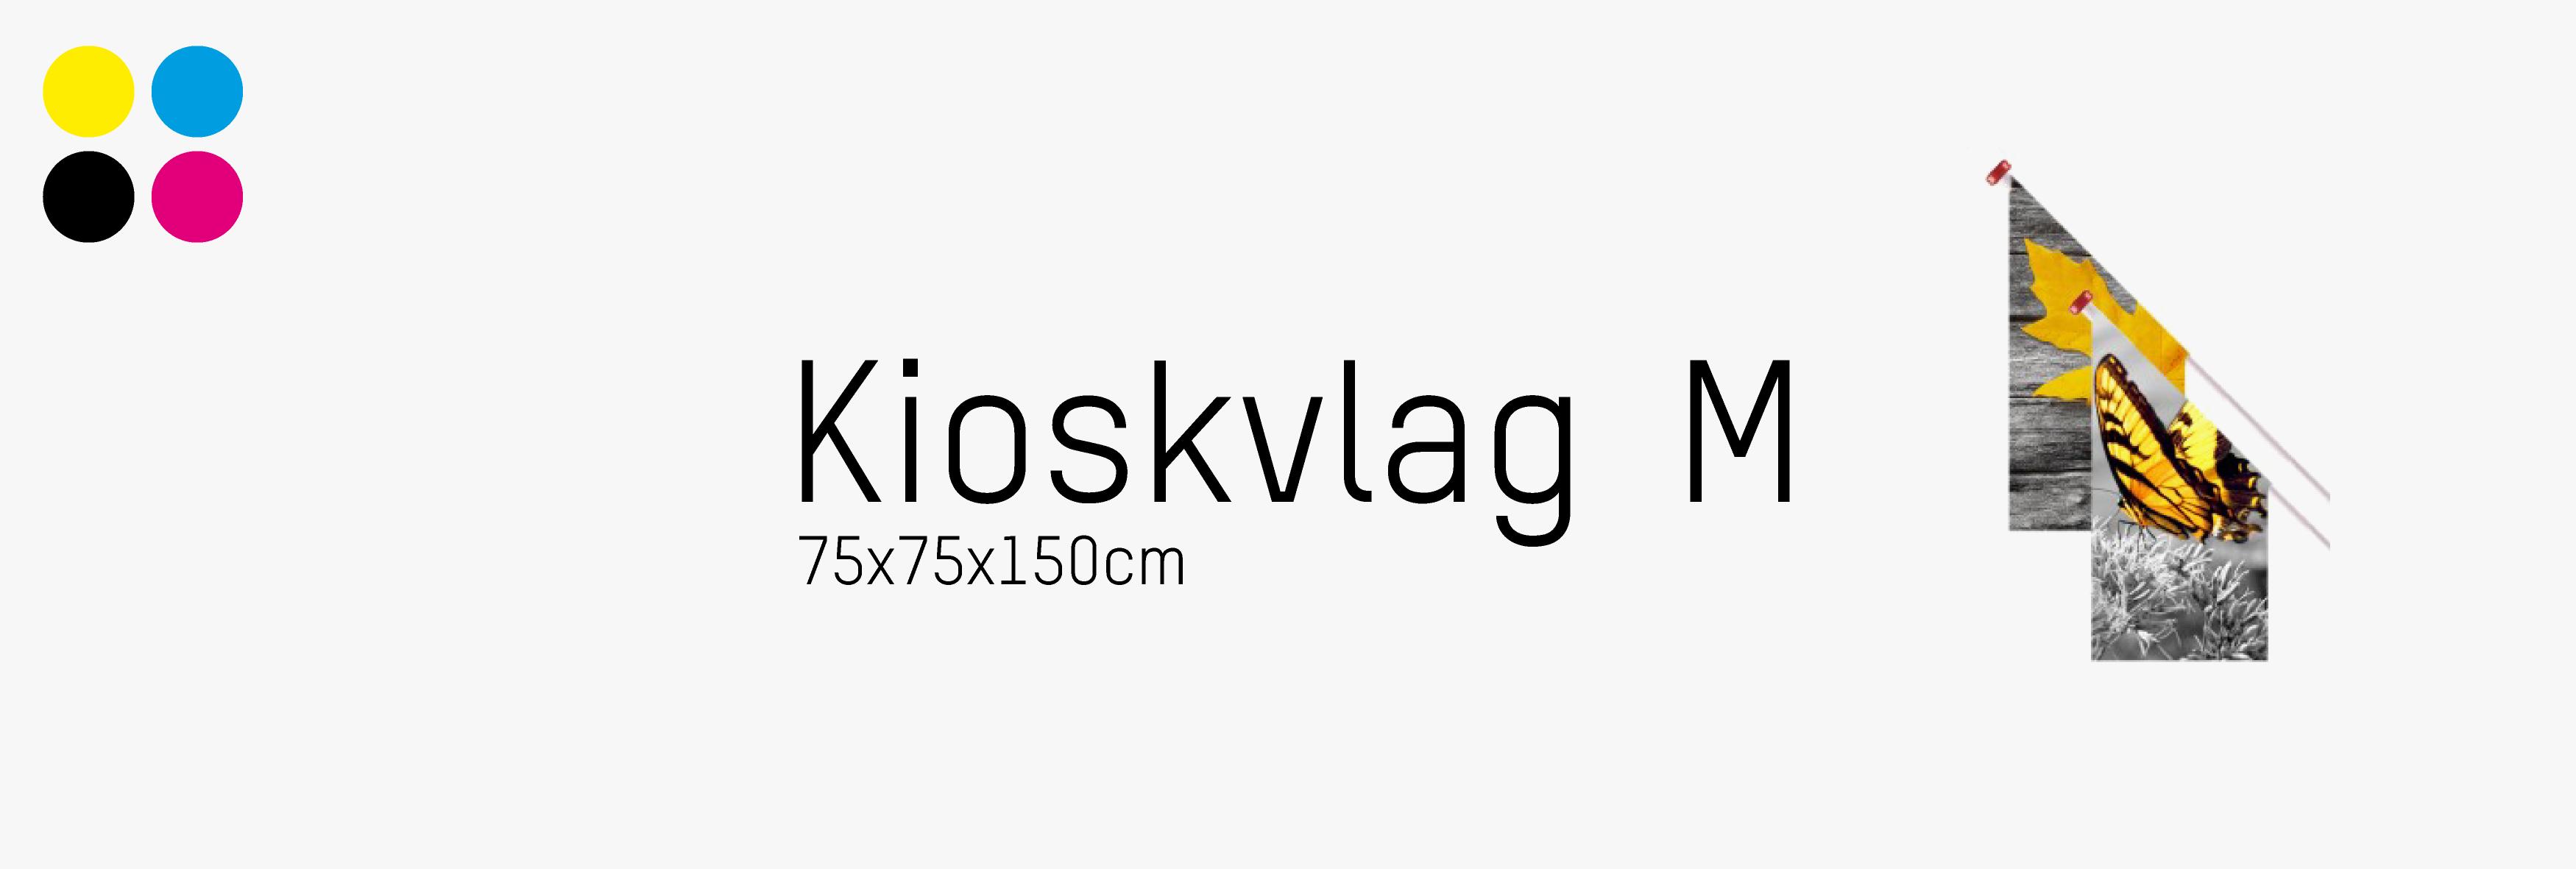 Kioskvlag-M